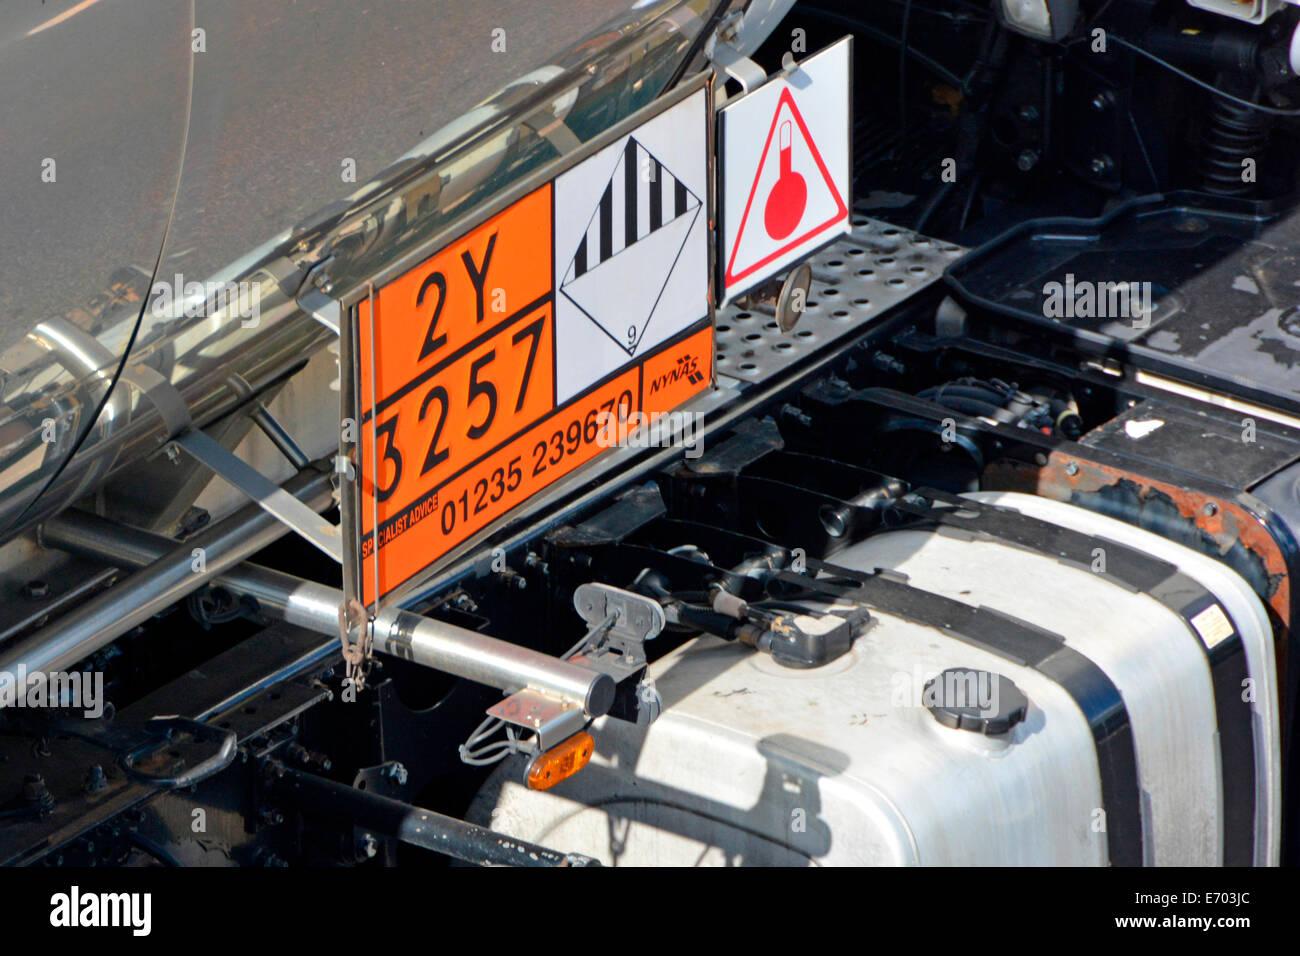 Nahaufnahme der Hazchem gefährliche Chemikalien und Gefahrgut Notruf Hinweisschild & Kraftstofftank auf Seite des Stockfoto